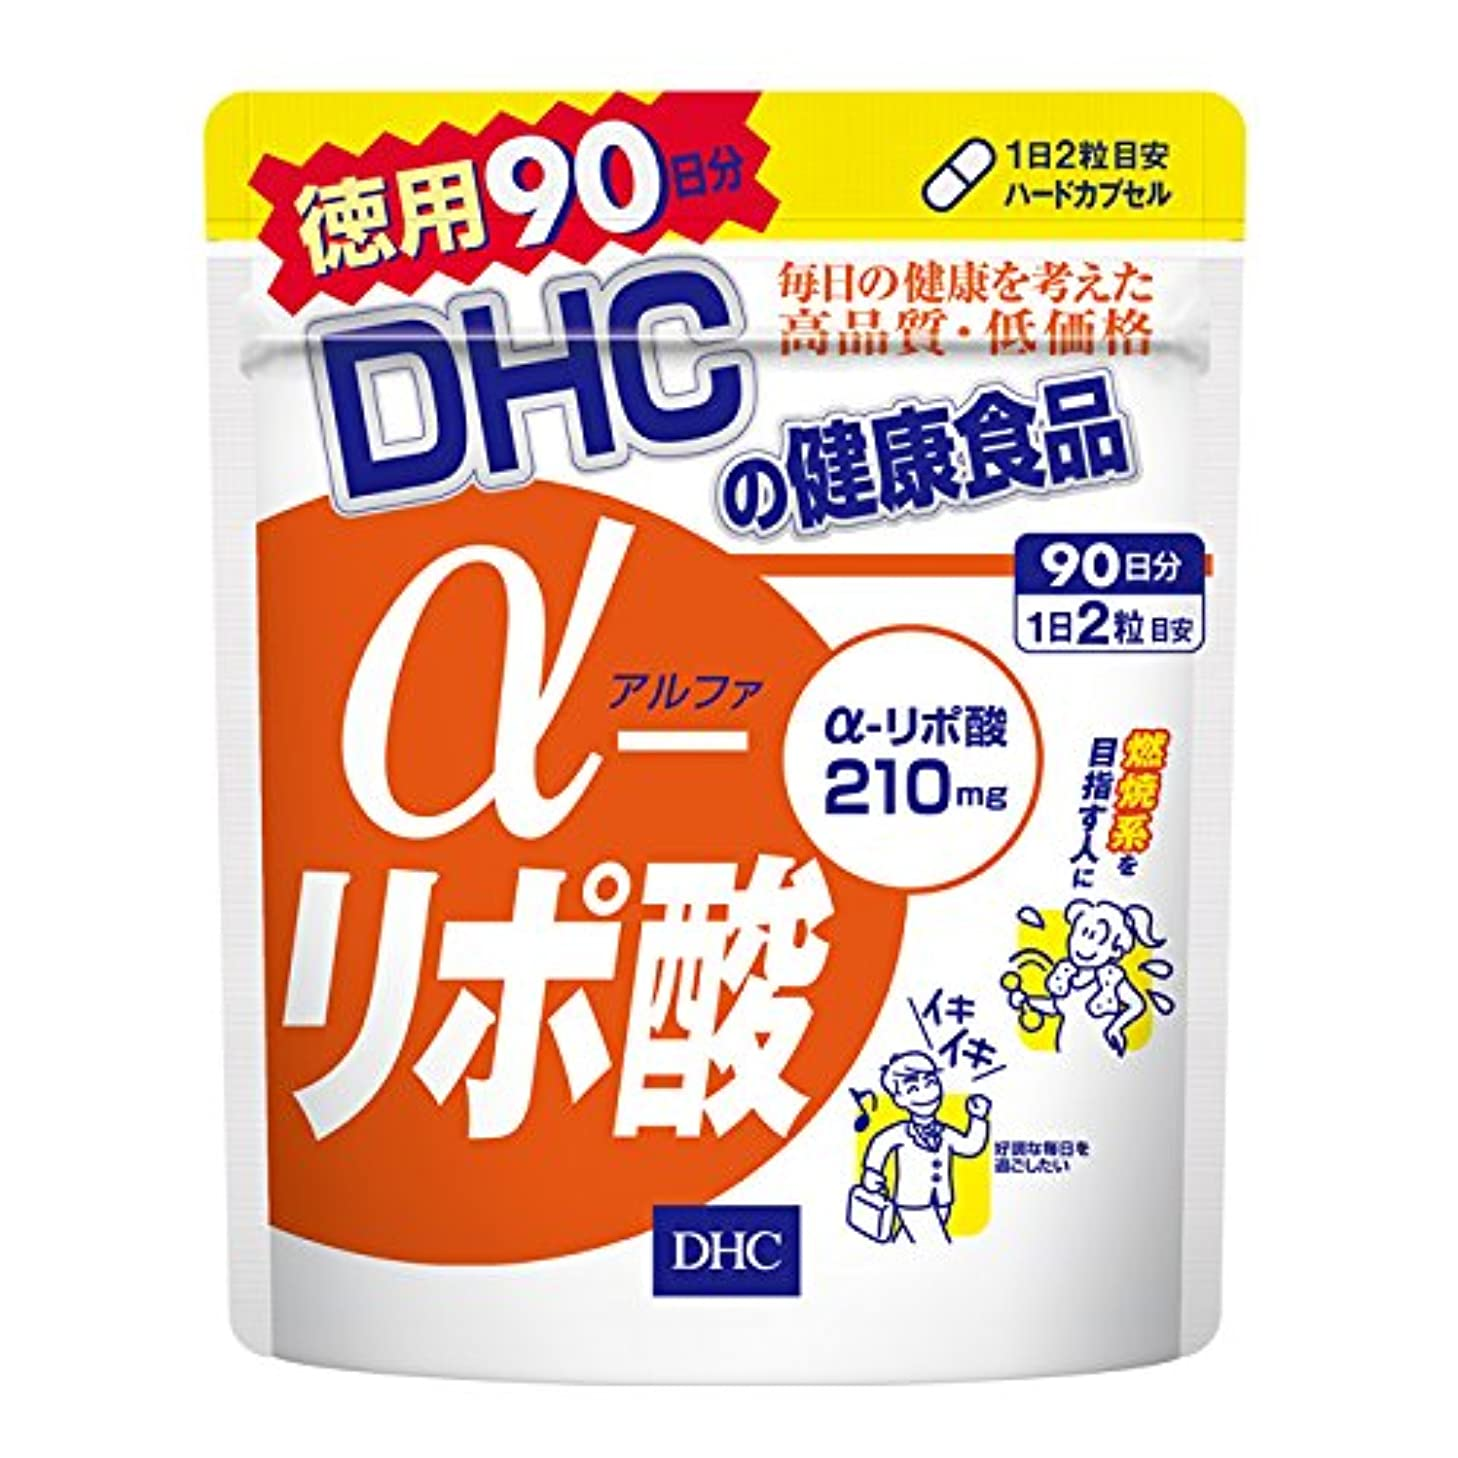 パイ海峡ひも雄弁DHC α(アルファ)-リポ酸 徳用90日分